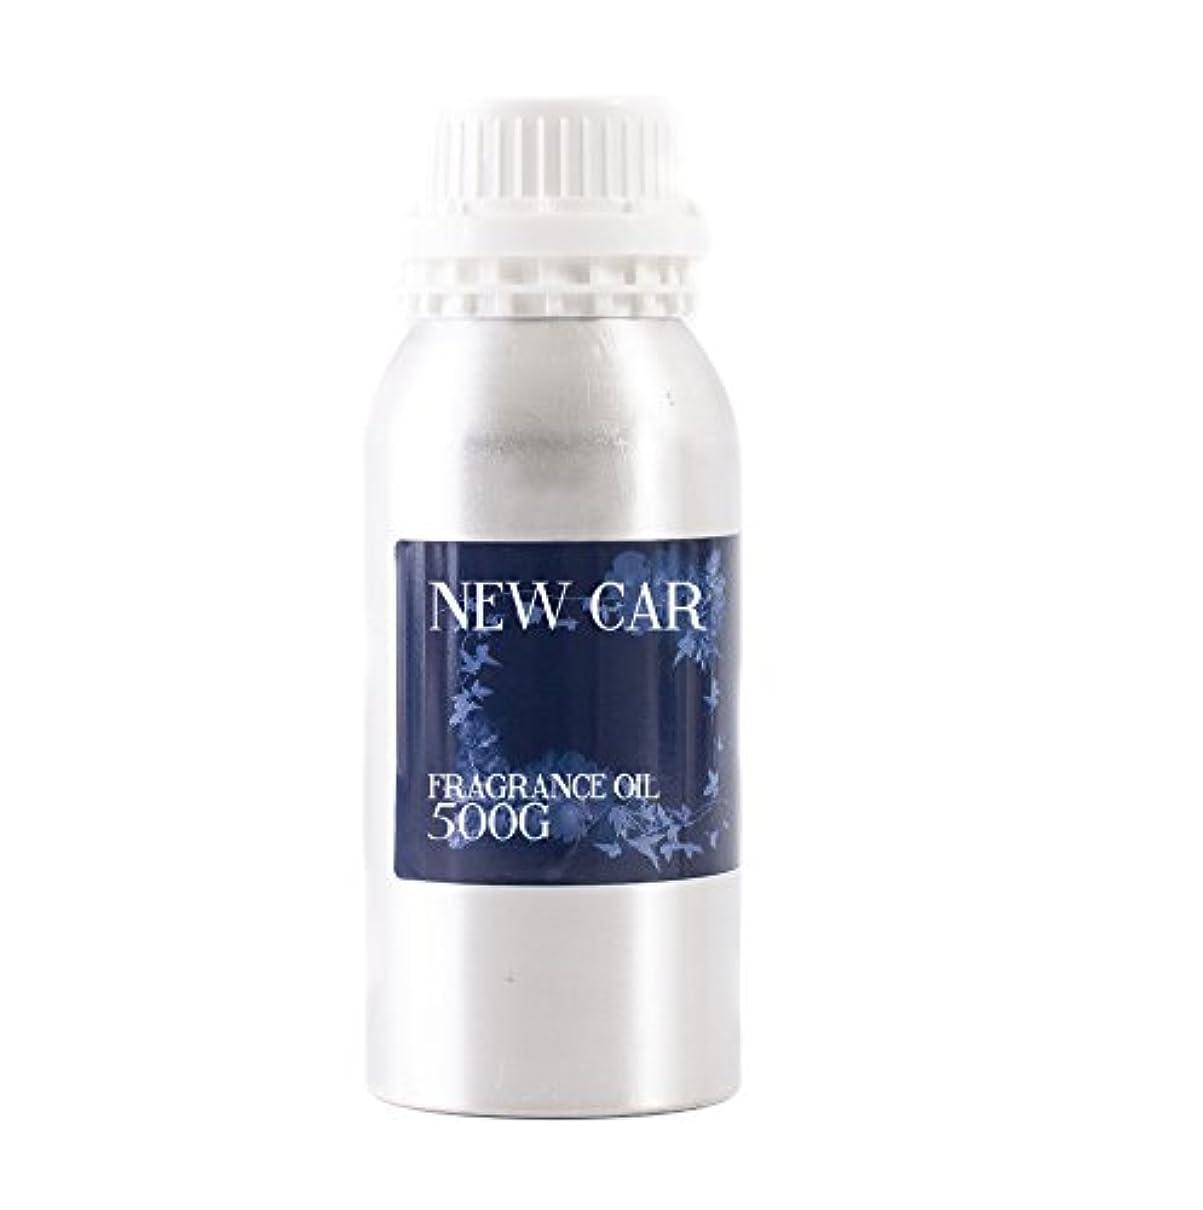 マルクス主義者バーゲンさせるMystic Moments | New Car Fragrance Oil - 500g